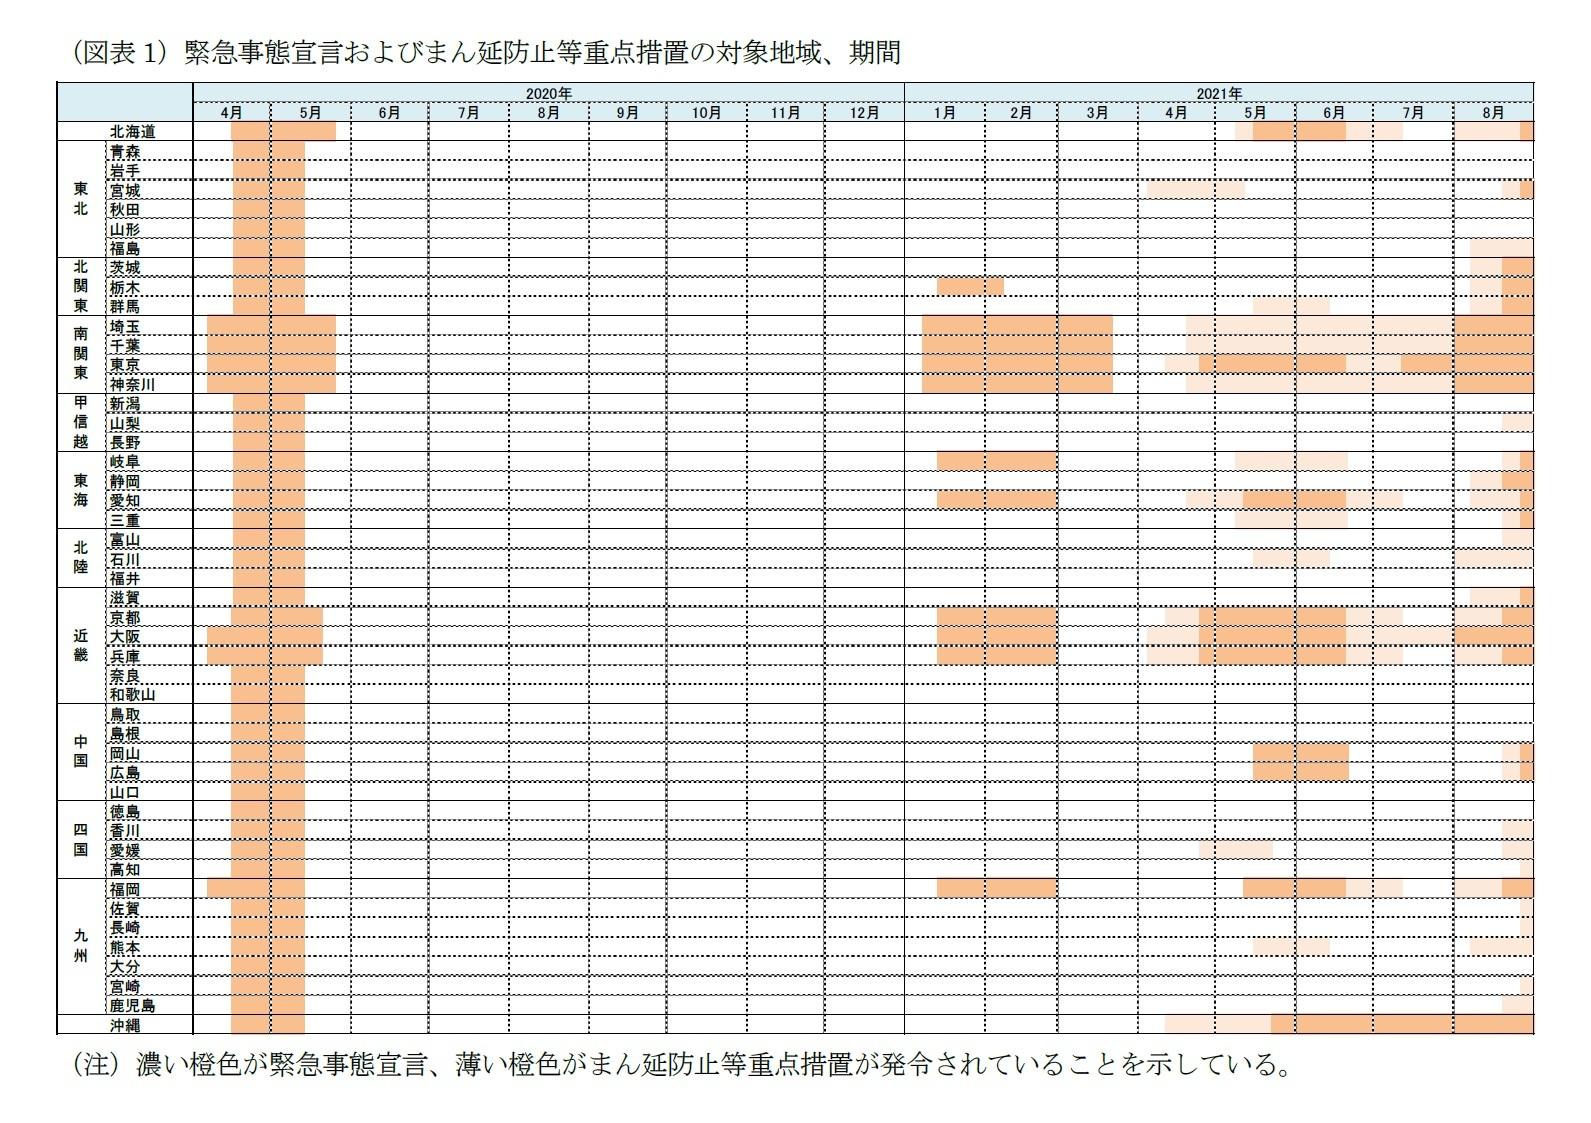 (図表1)緊急事態宣言およびまん延防止等重点措置の対象地域、期間